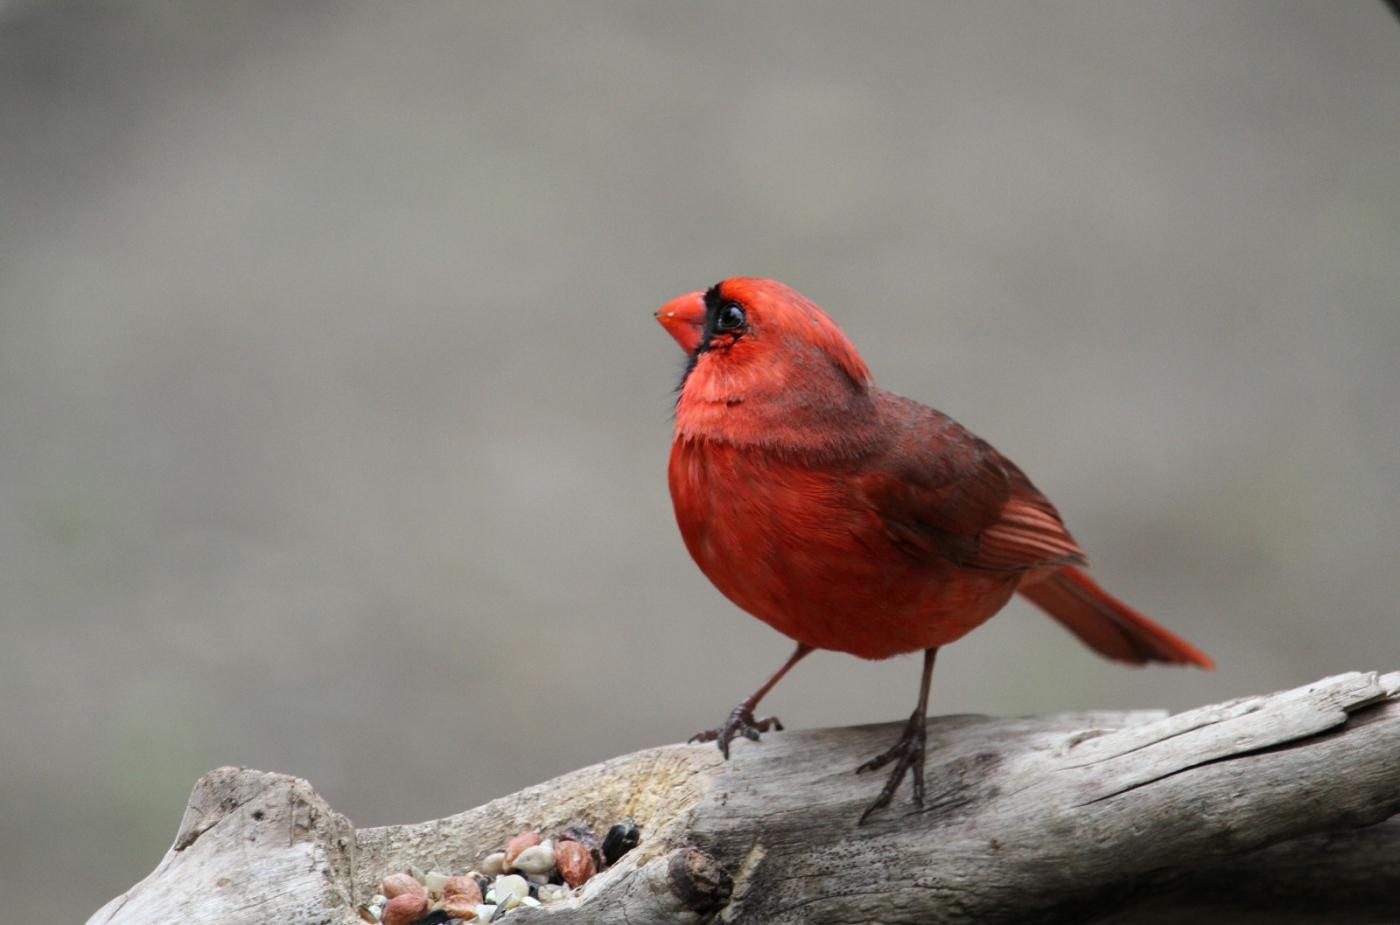 【田螺摄影】有吃的主教鸟还会挑肥拣瘦_图1-8